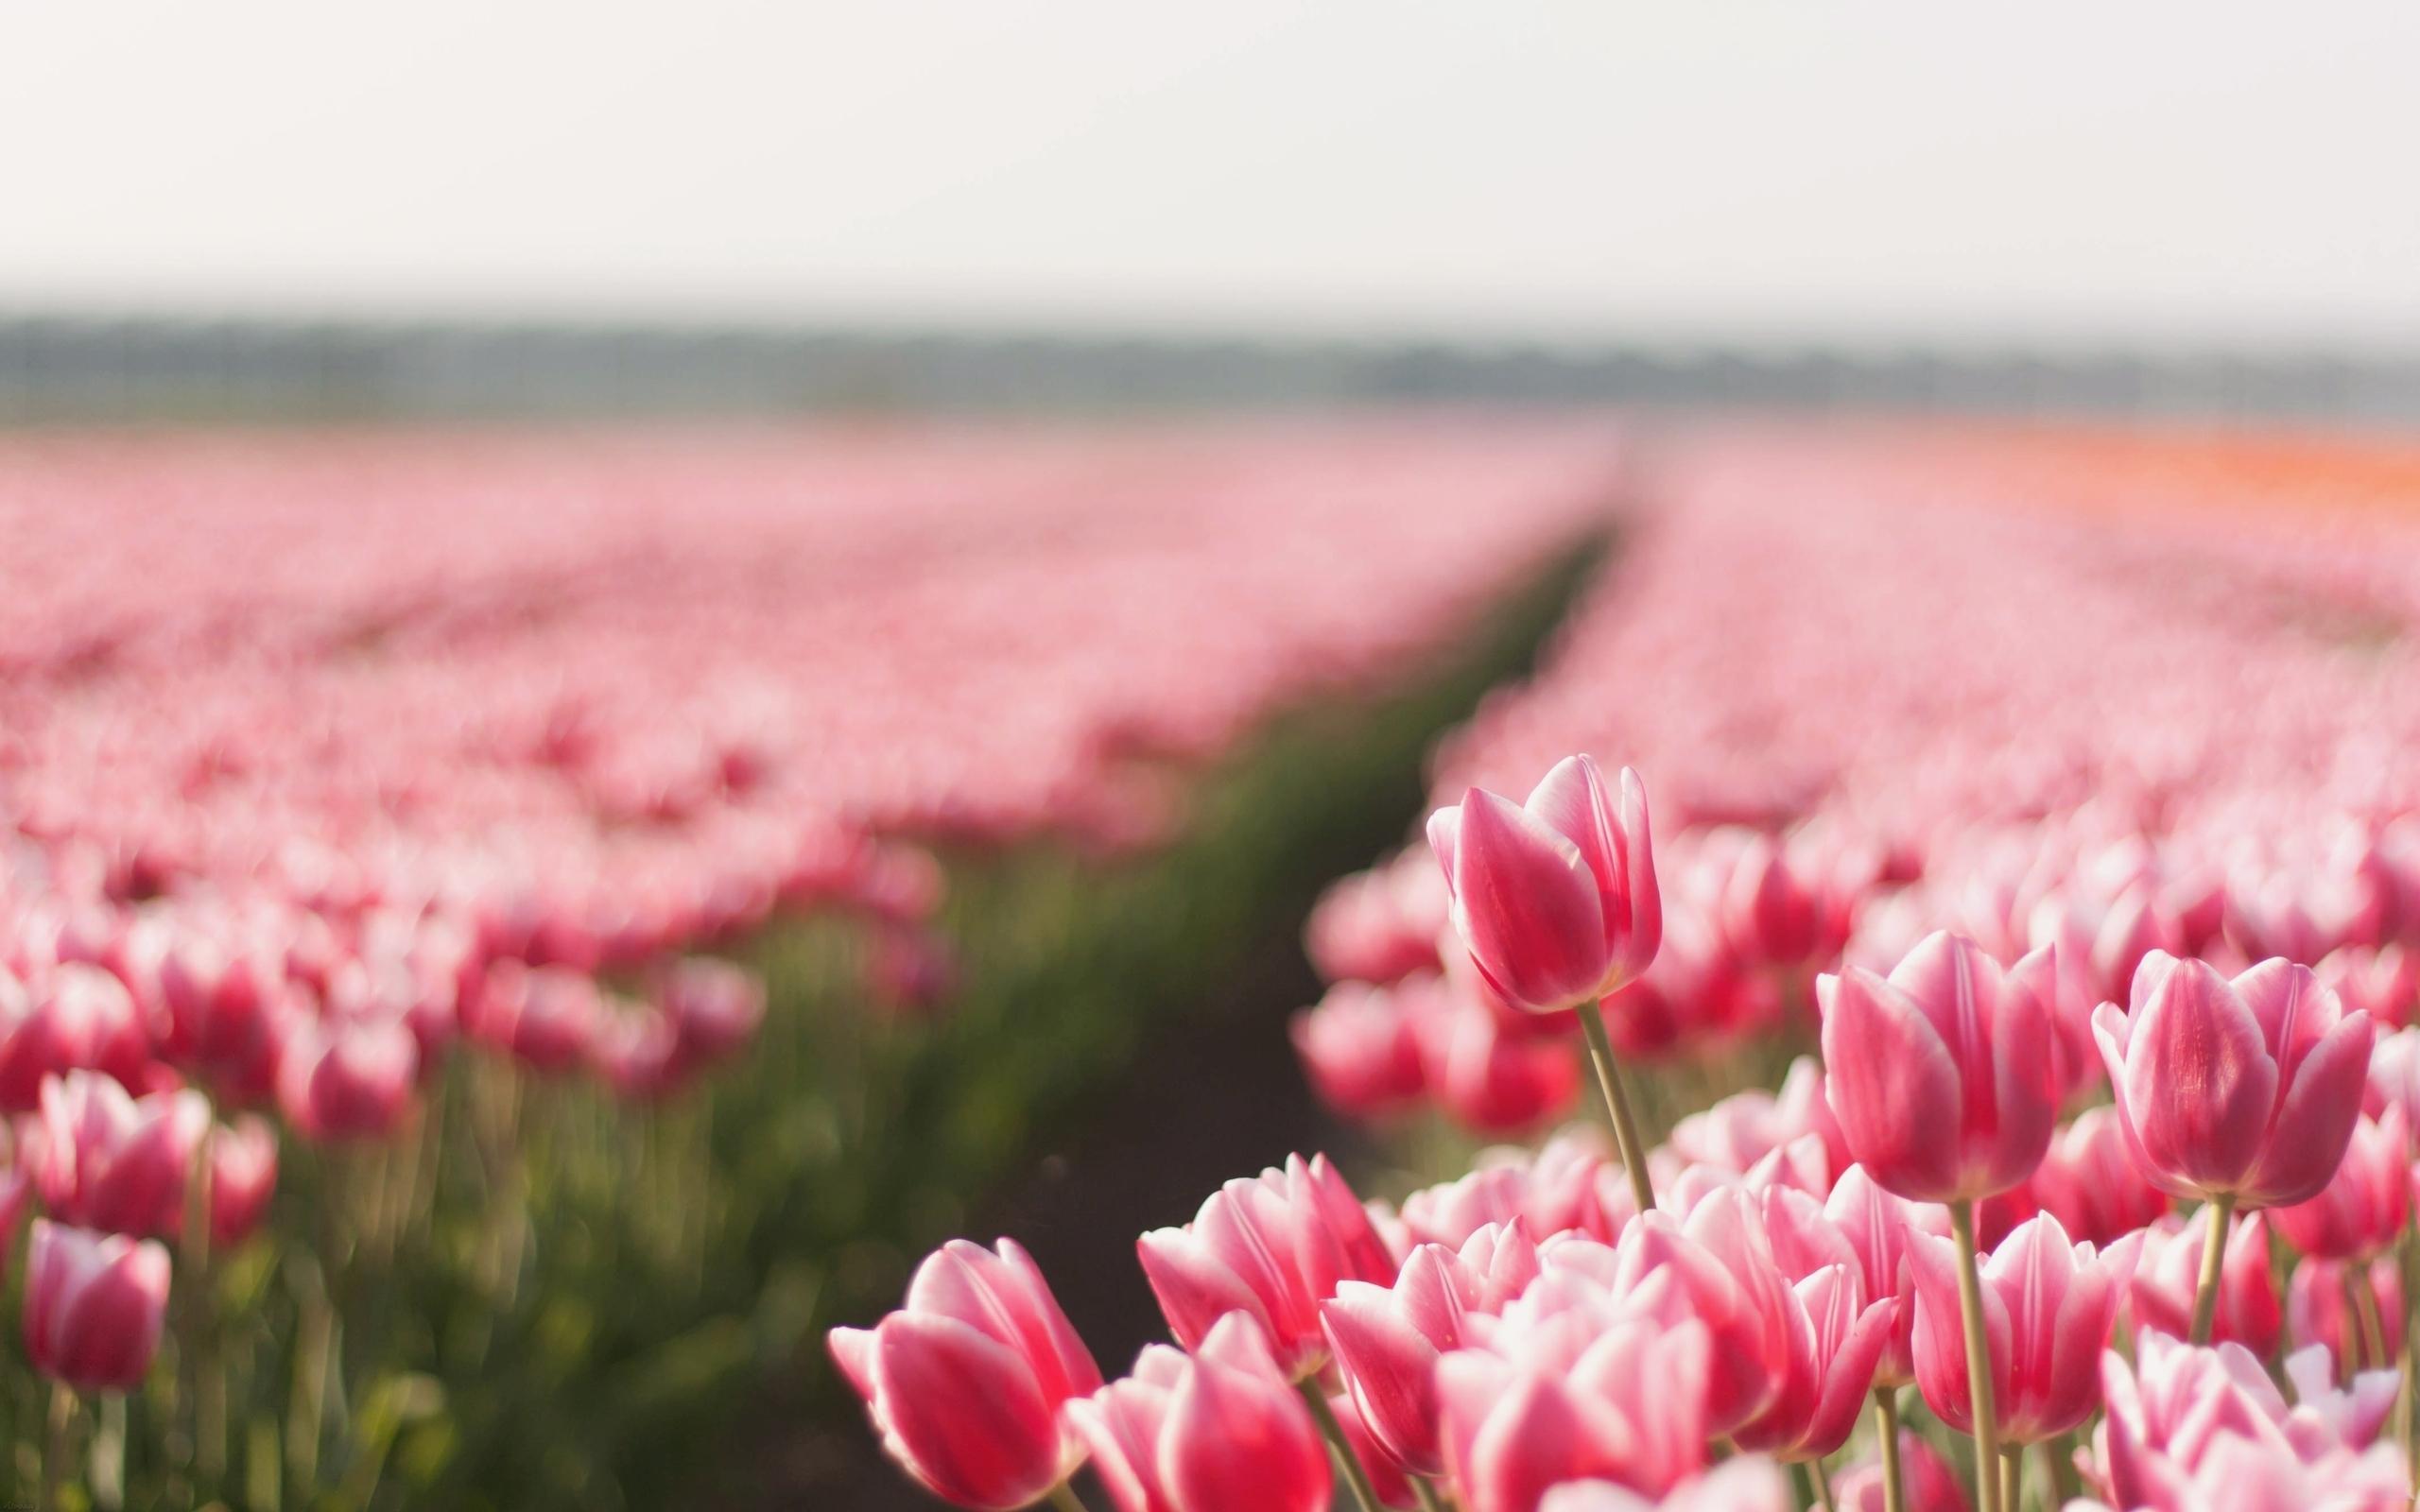 48974 скачать Красные обои на телефон бесплатно, Растения, Пейзаж, Цветы, Поля, Тюльпаны Красные картинки и заставки на мобильный